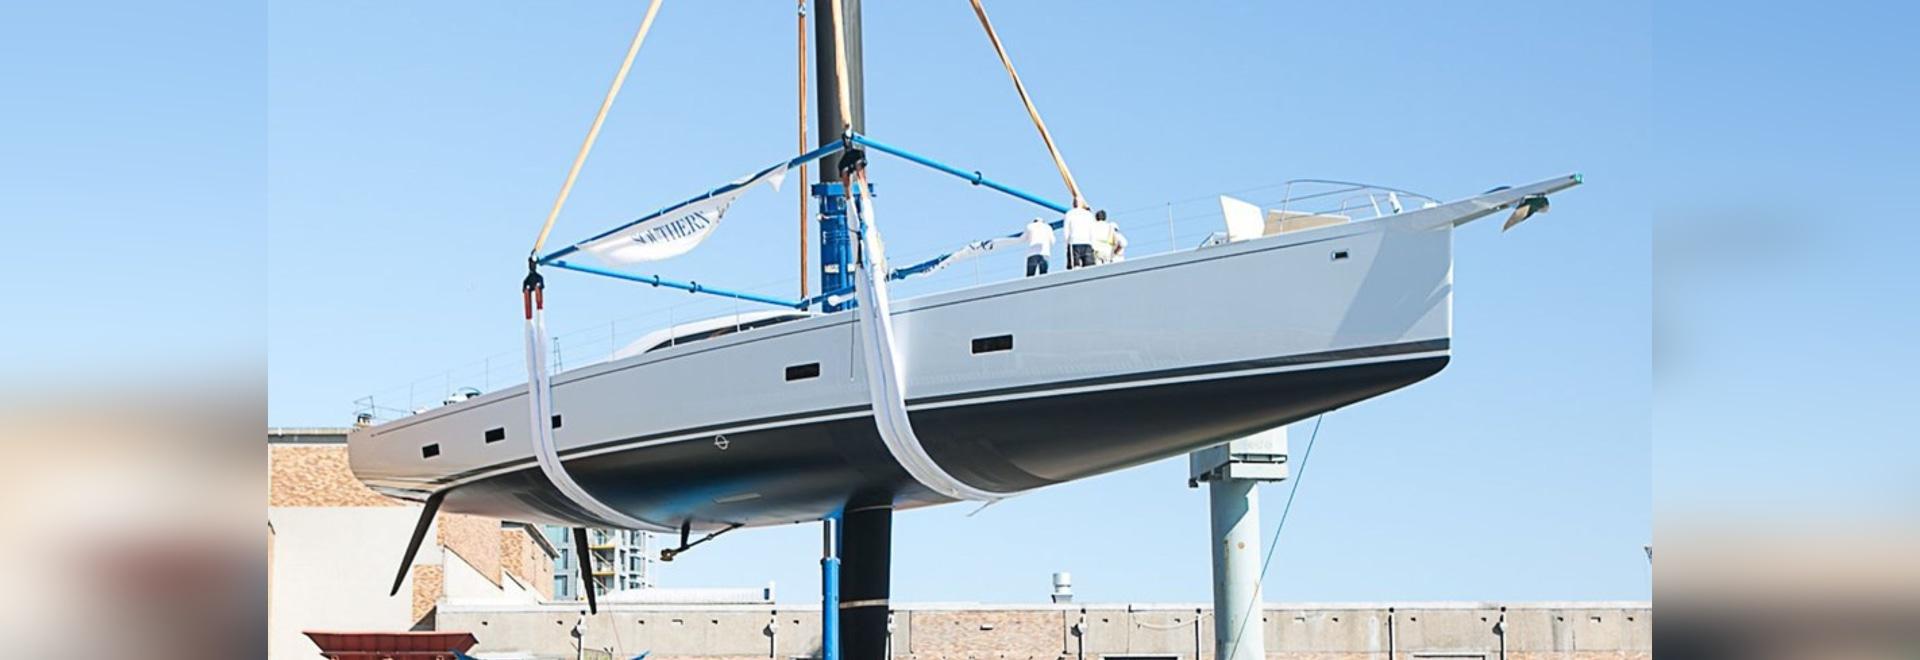 El viento meridional pone en marcha el poder navegante del yate de los 35m de 2